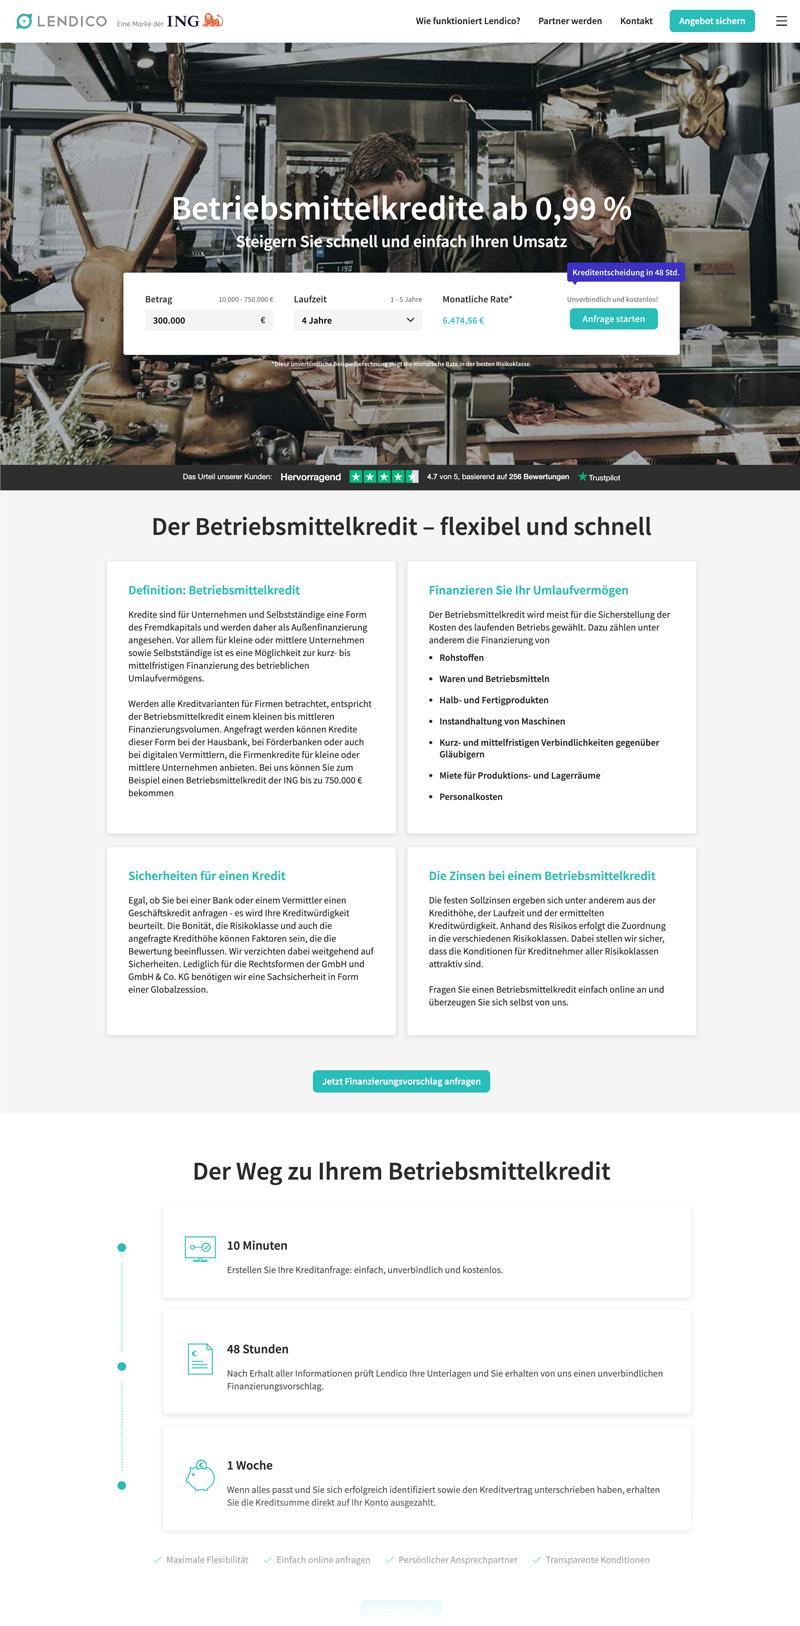 Betriebsmittelkredit Desktop - lendico.de